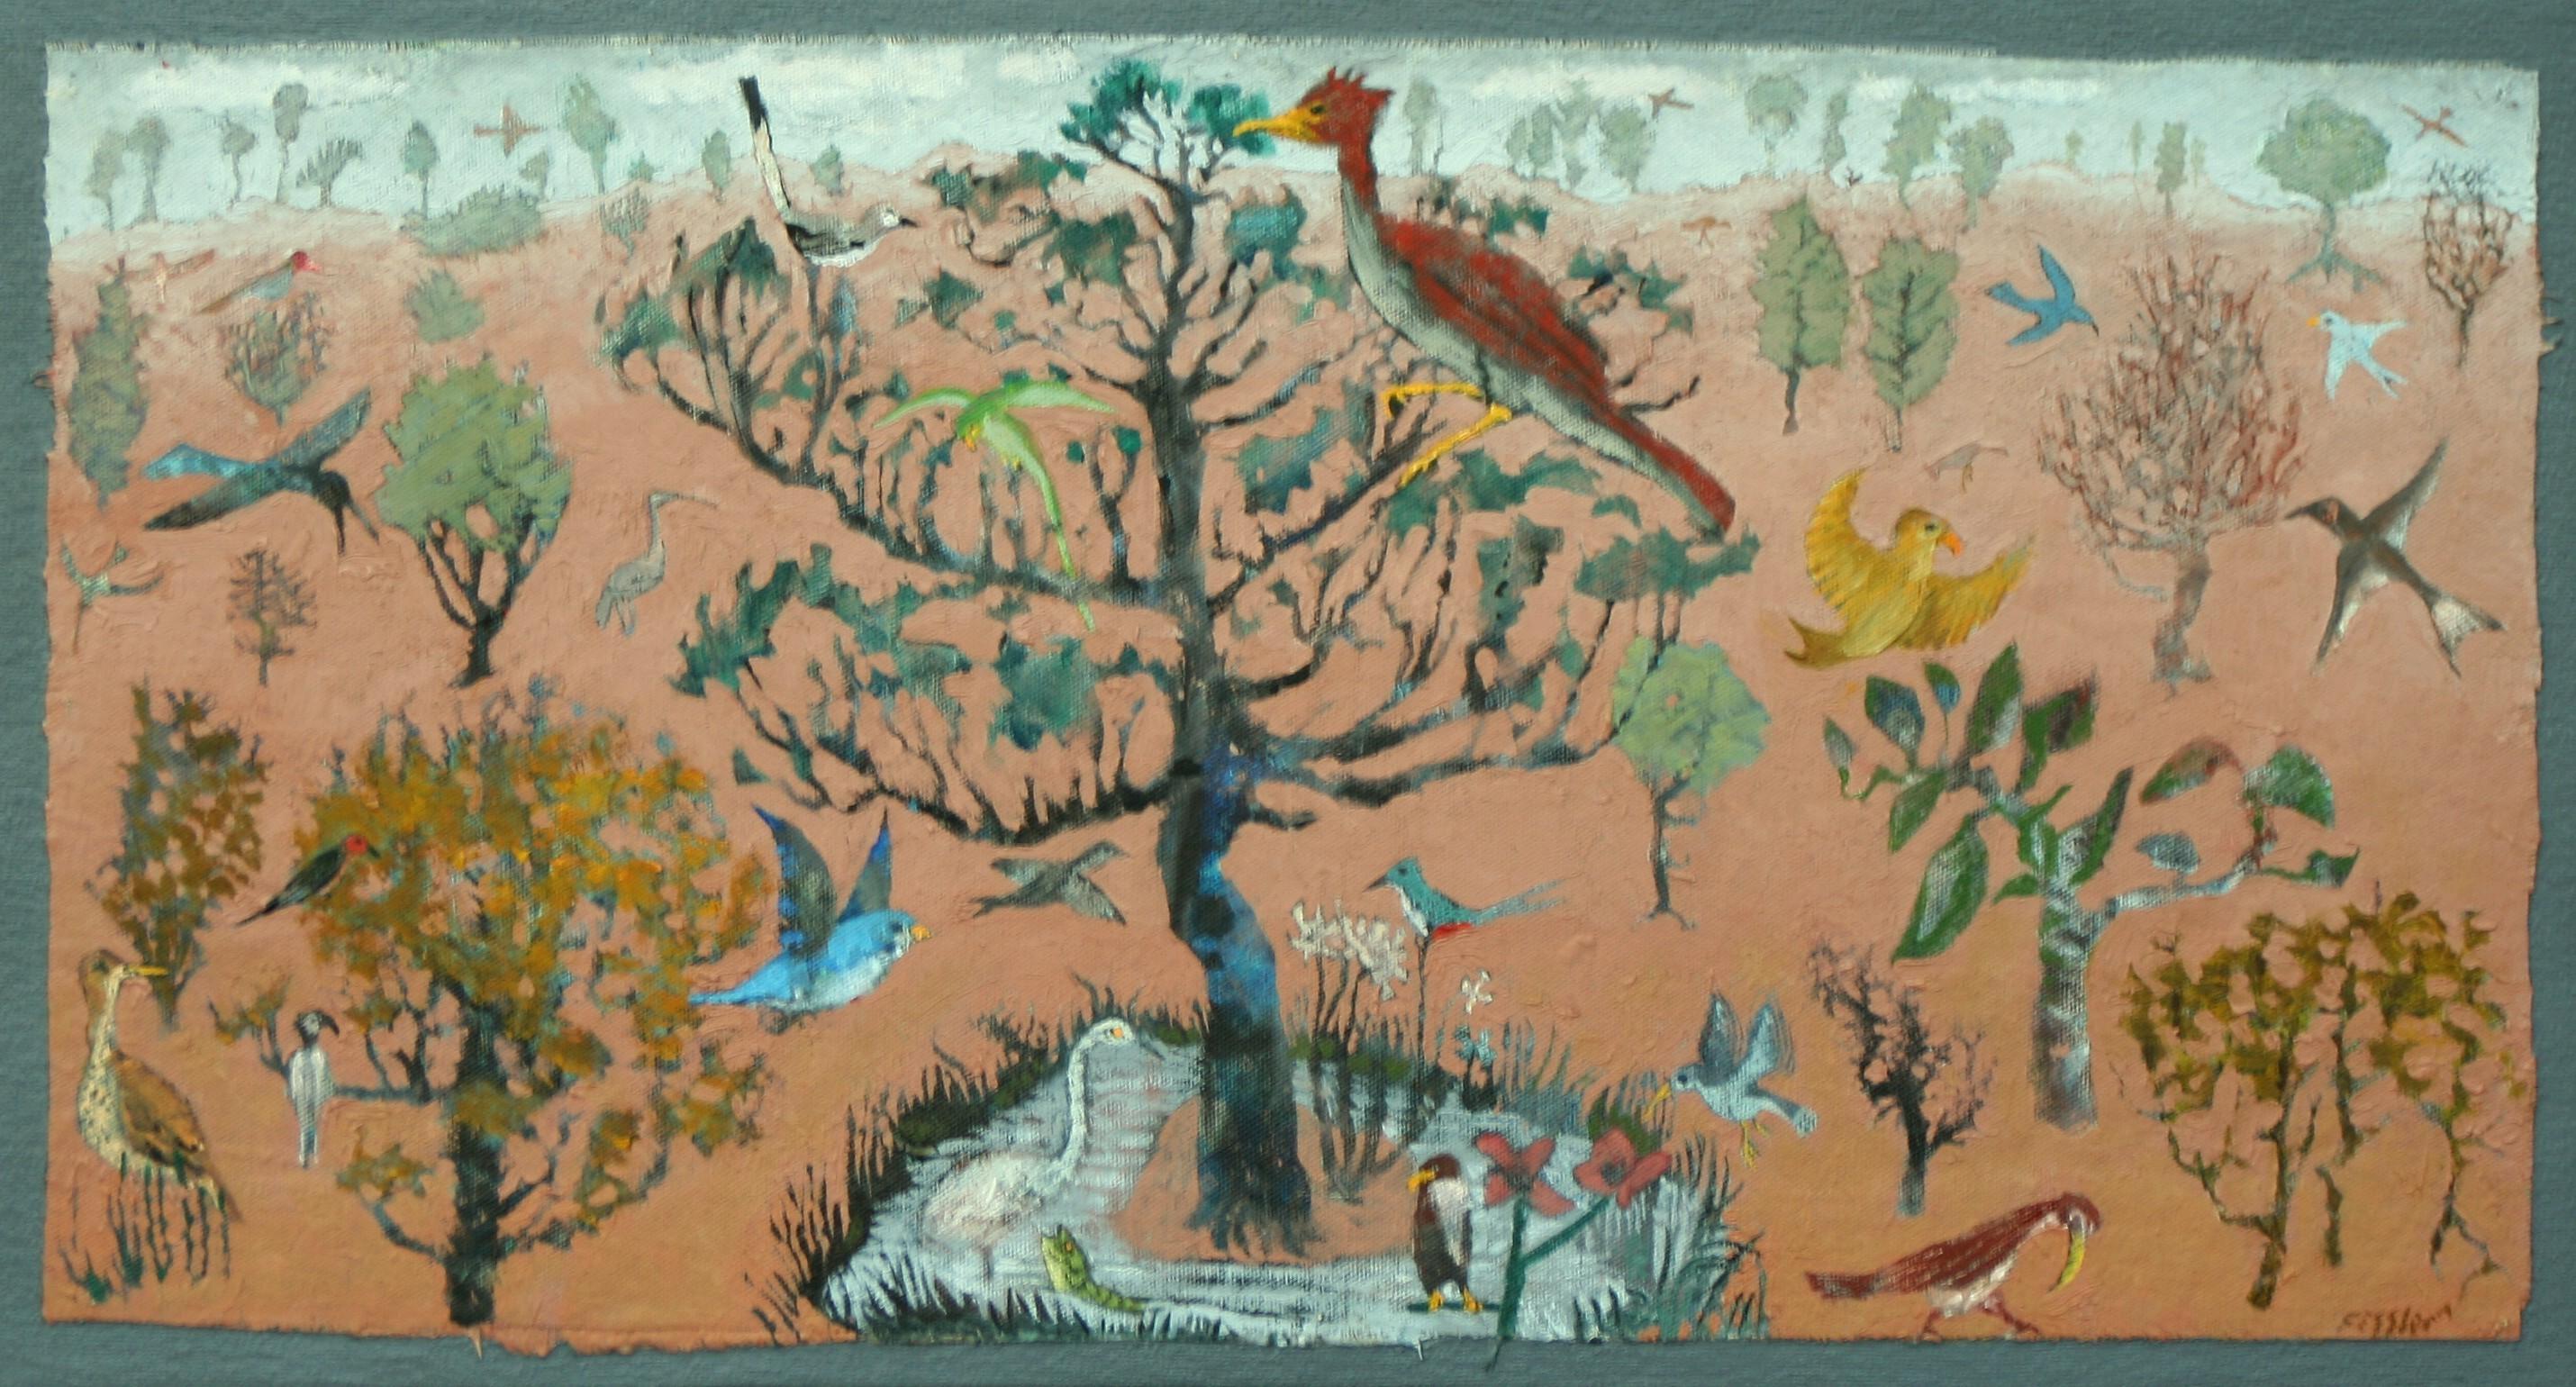 Stephen Fessler Artwork: Garden Of Birds | Original Painting Oil ...